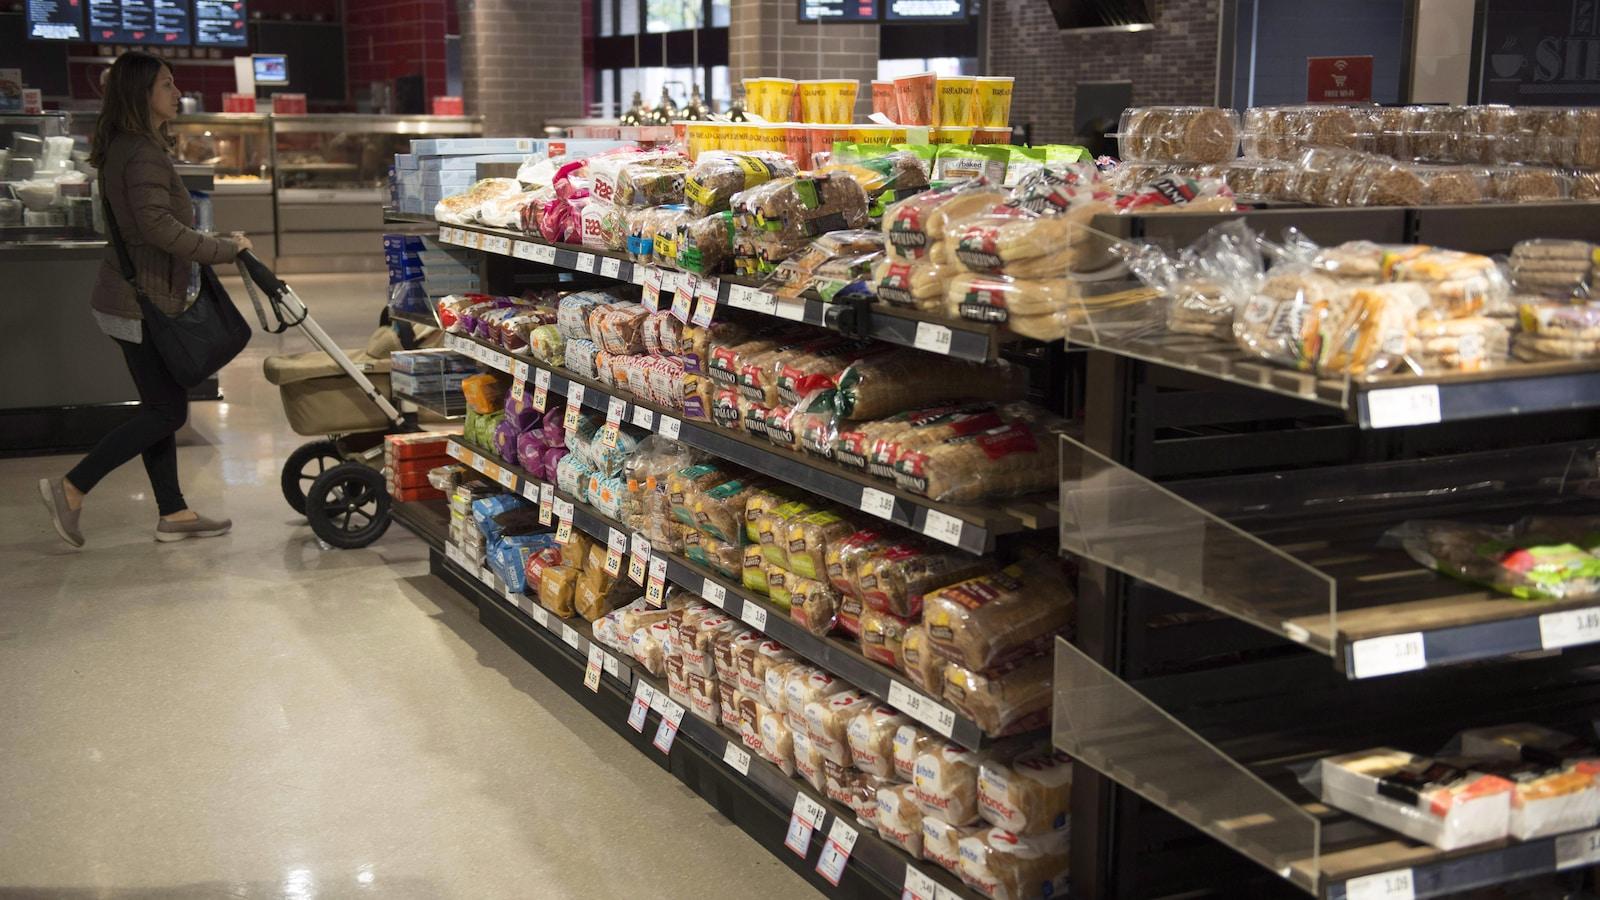 Plusieurs marques de pain se trouvent sur cet étalage d'un supermarché de Toronto, le 1er novembre 2017. À ce moment, le Bureau de la concurrence annonçait avoir effectué des perquisitions dans les bureaux de certaines entreprises dans le cadre d'une enquête sur un système de fixation des prix du pain.